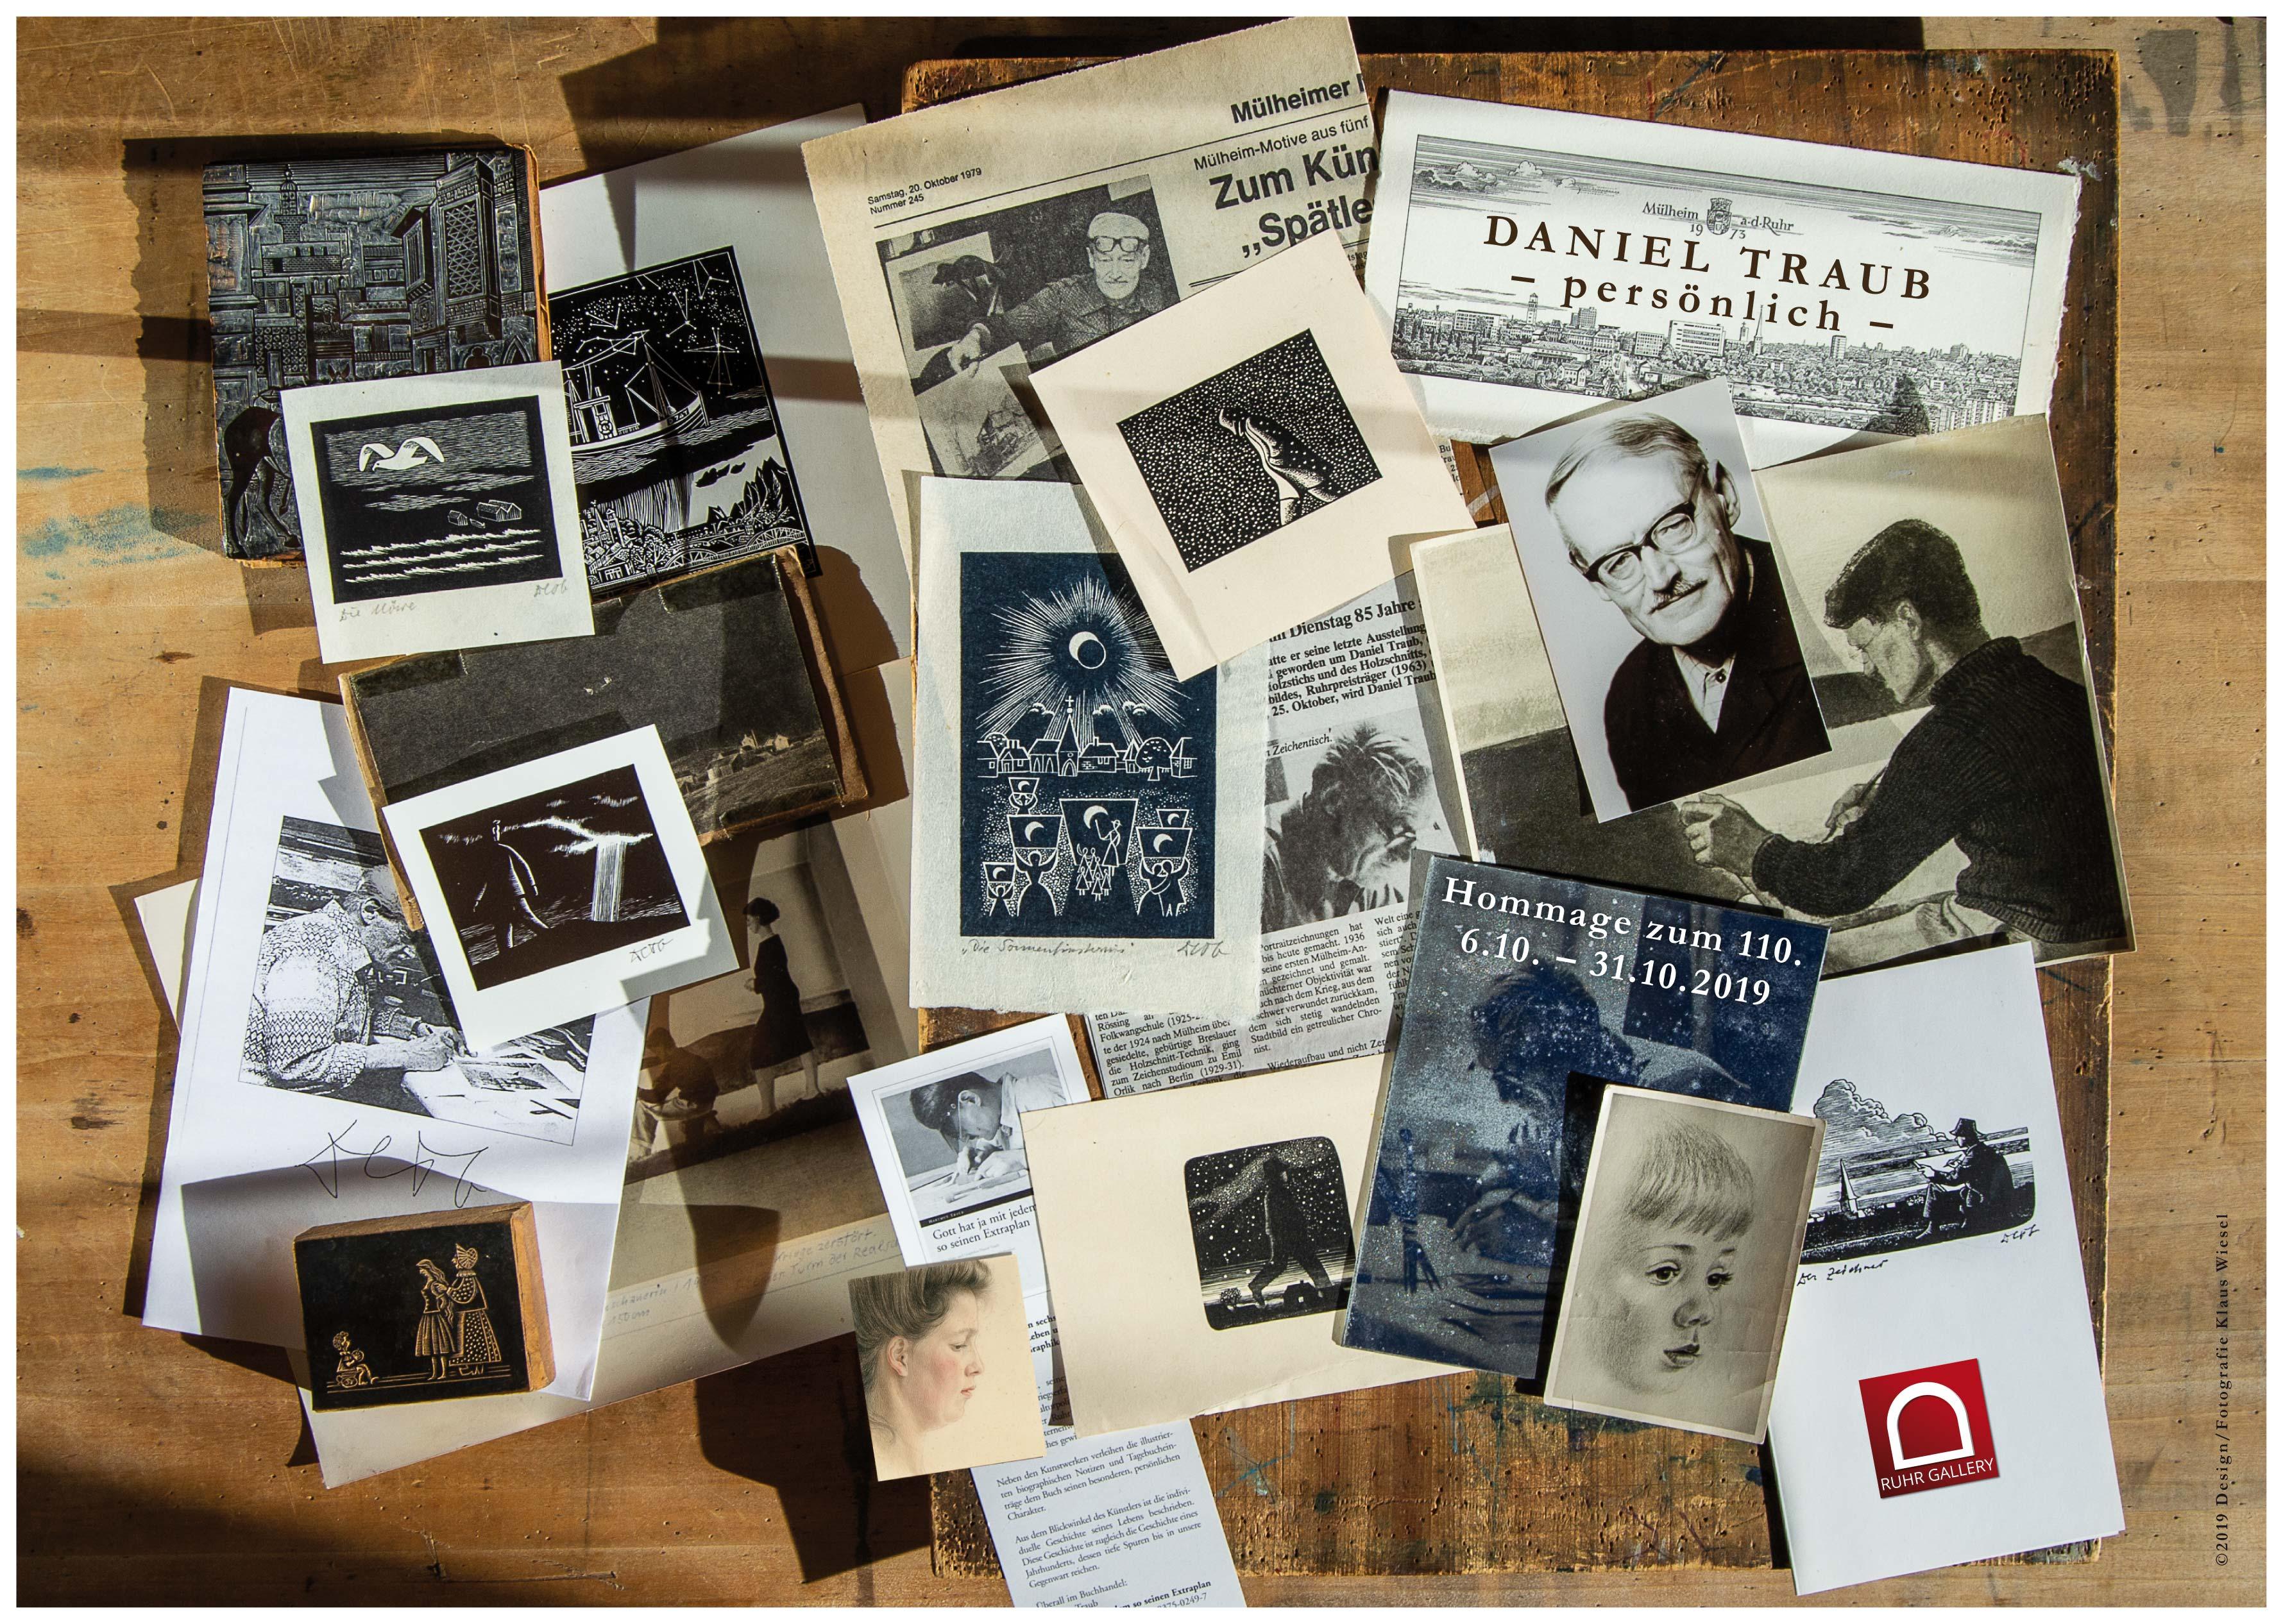 Dieses Bild hat ein leeres Alt-Attribut. Der Dateiname ist Ausstellung_DANIEL_TRAUB_RuhrGallery_Muelheim_Ruhrstr.3.jpg